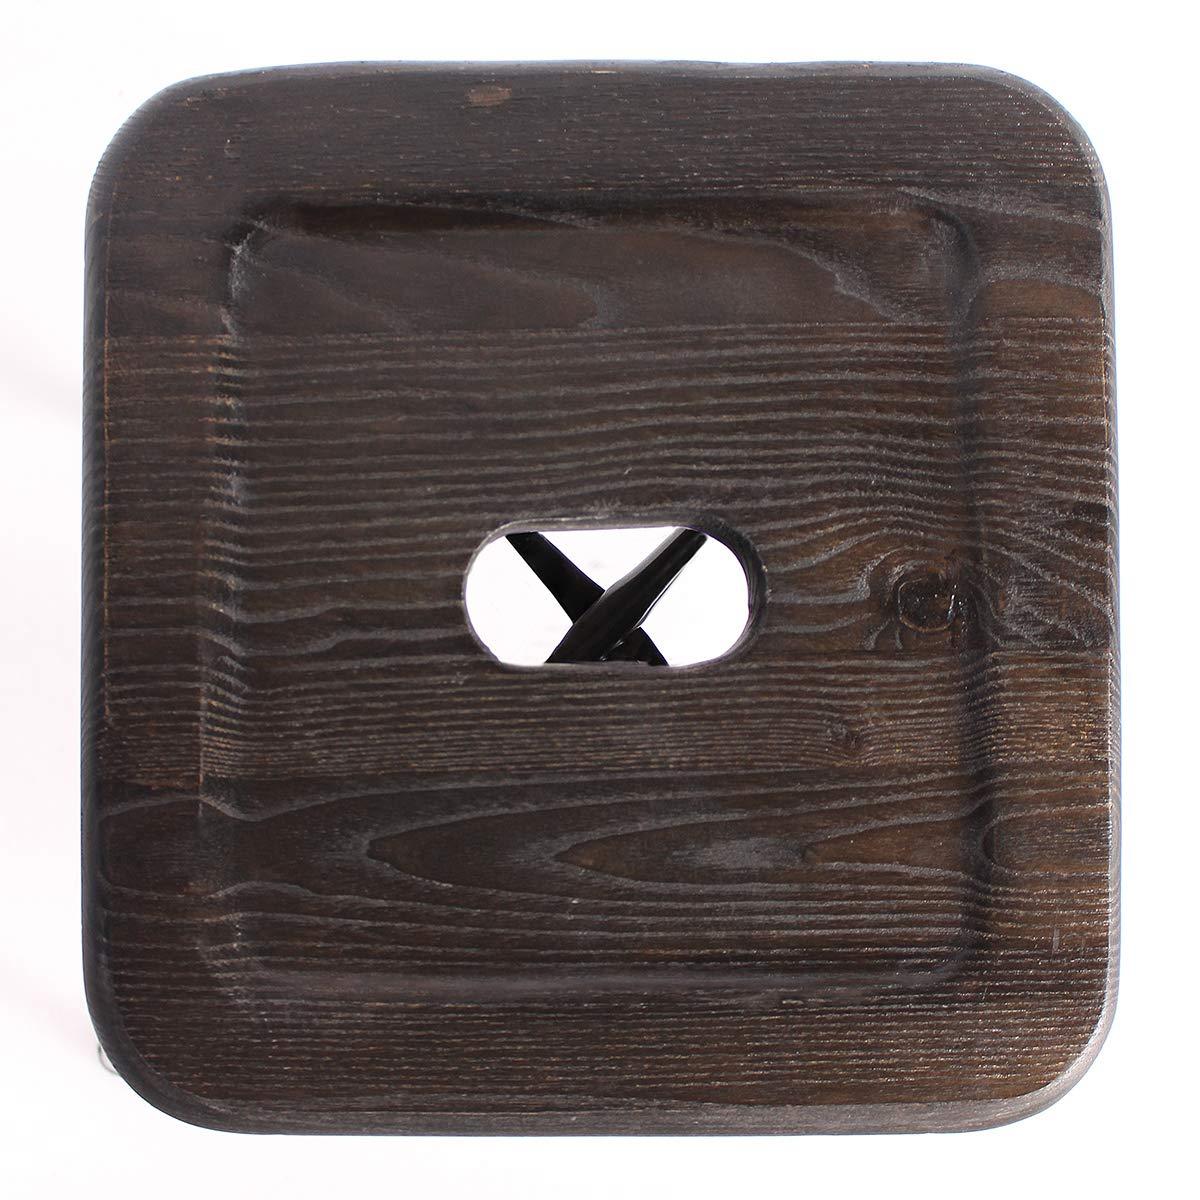 Buschman Metal Bar Stools 24 Counter Height, Indoor/Outdoor, Stackable, Set of 4, Bronze with Premium Wooden Seat by Buschman Store